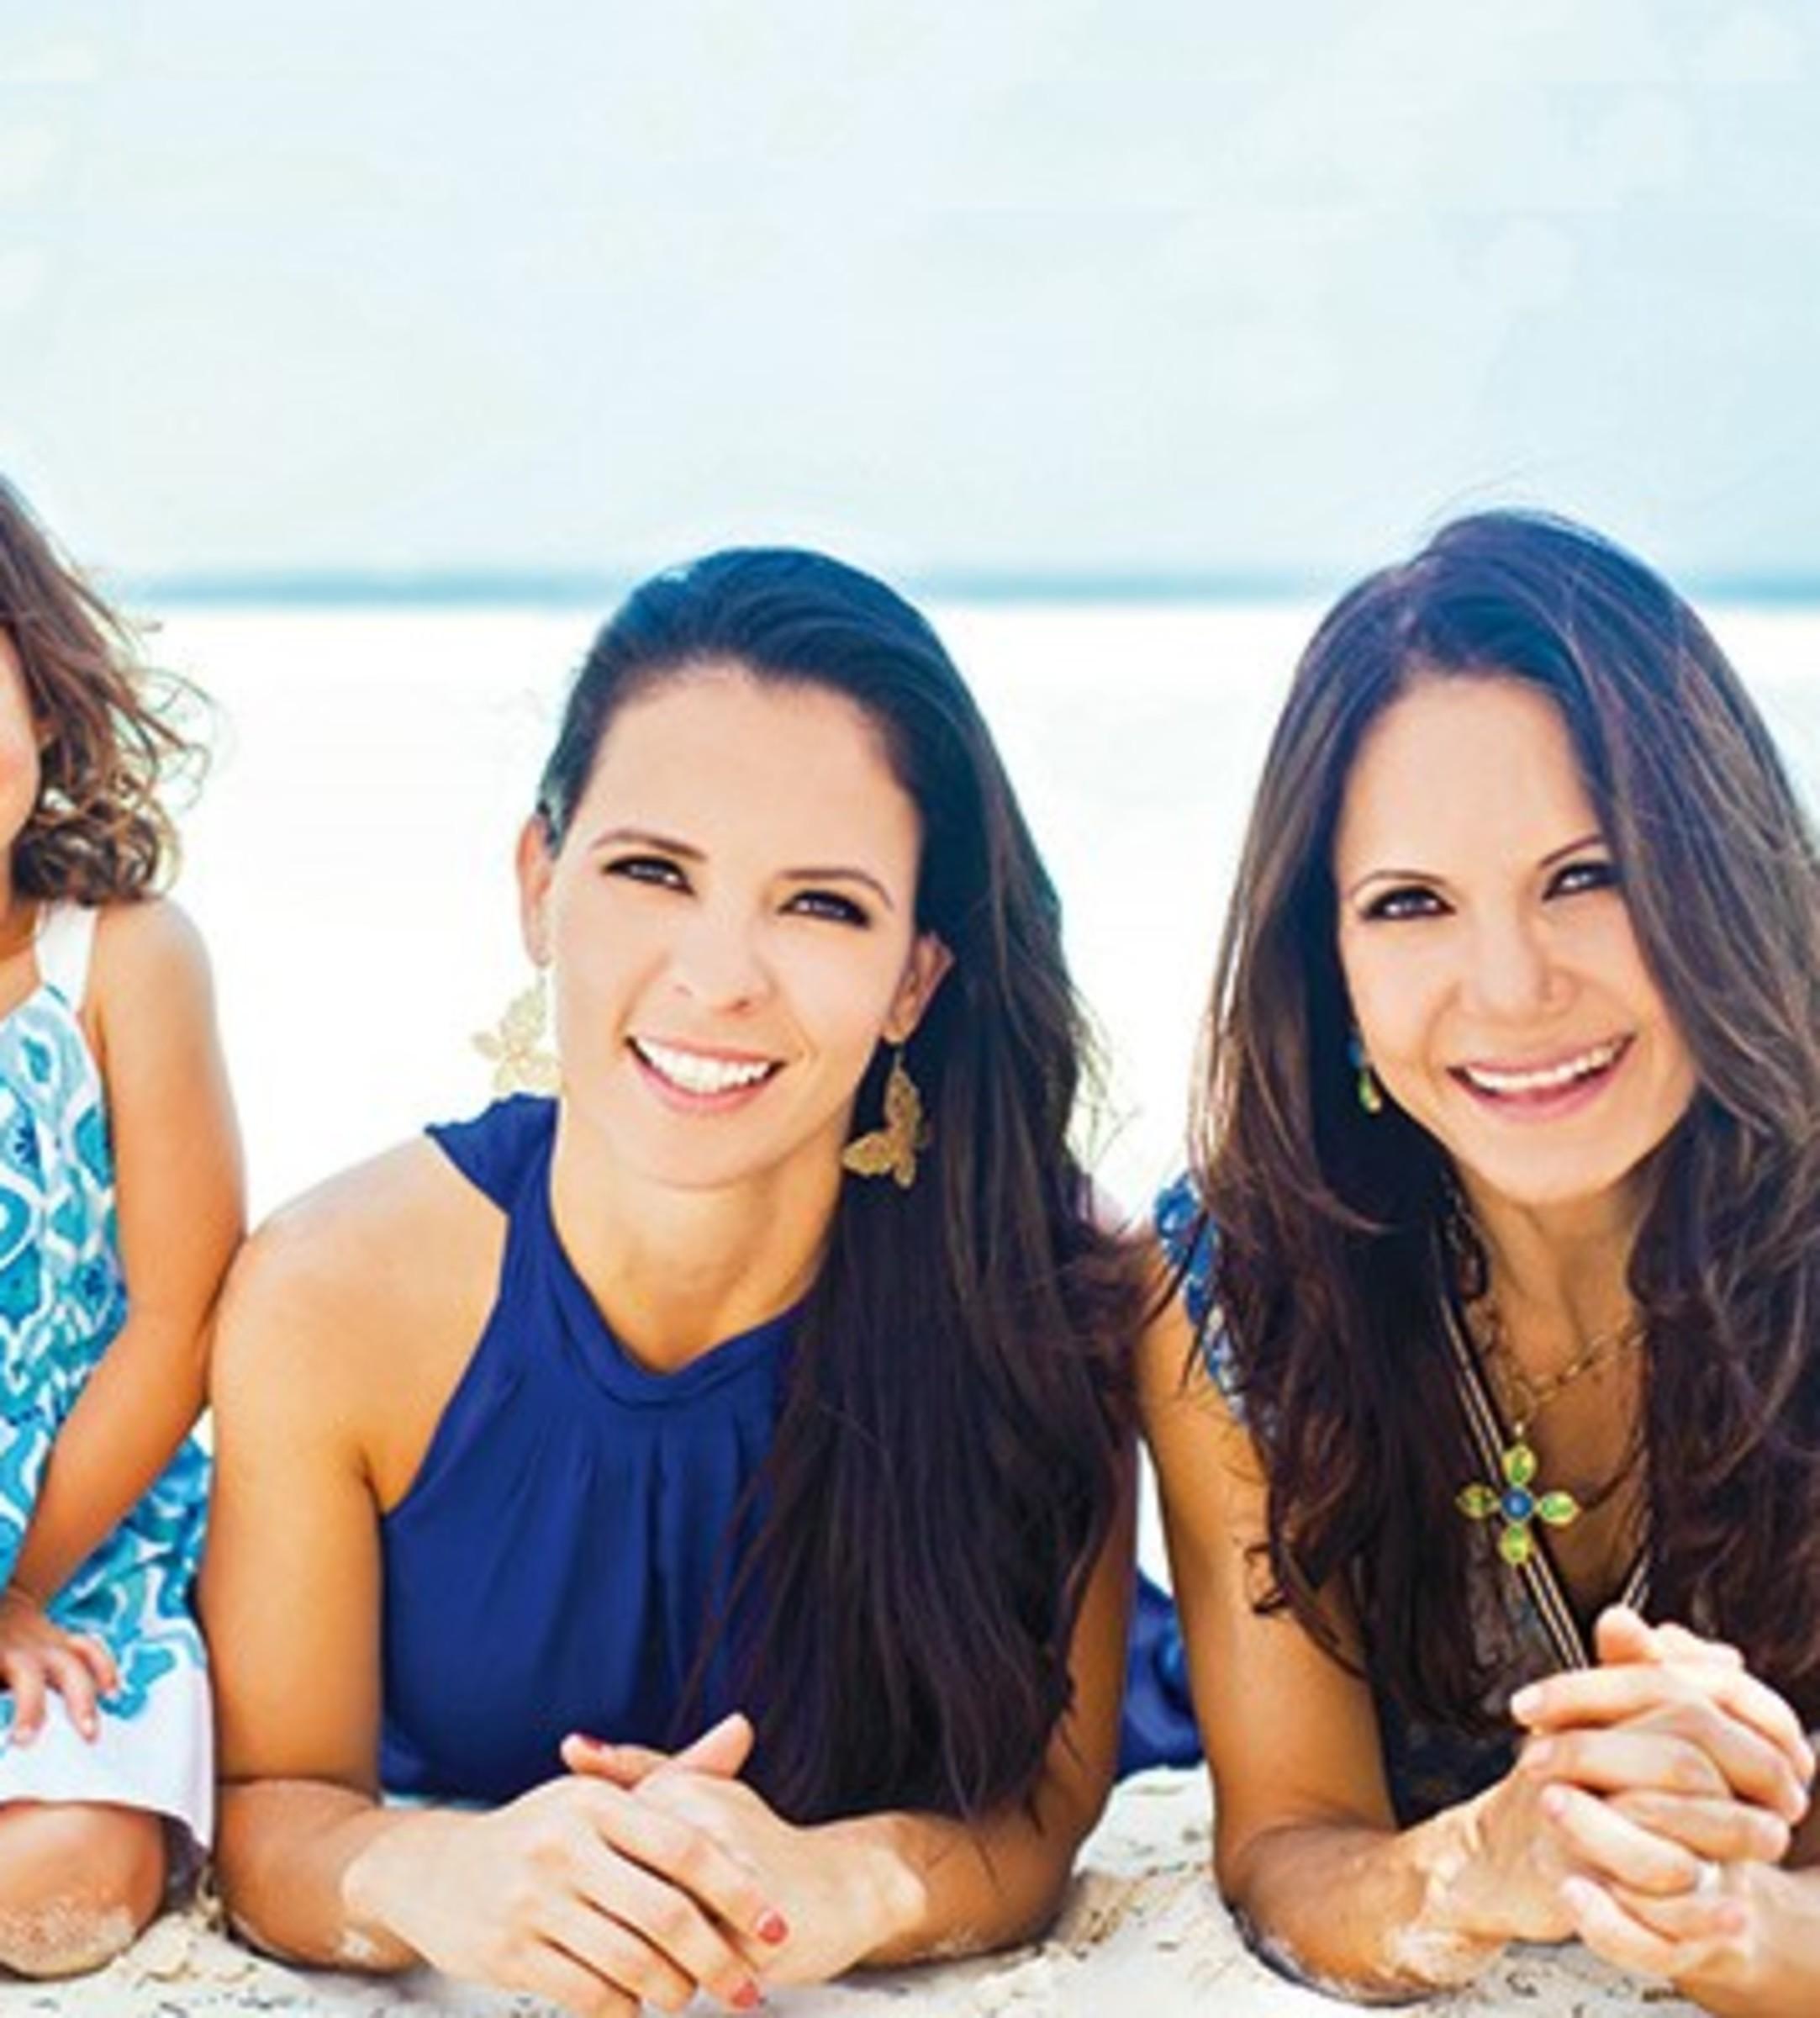 Abuelas En Pelotas rumbos | las mujeres heredan el temperamento y la genética